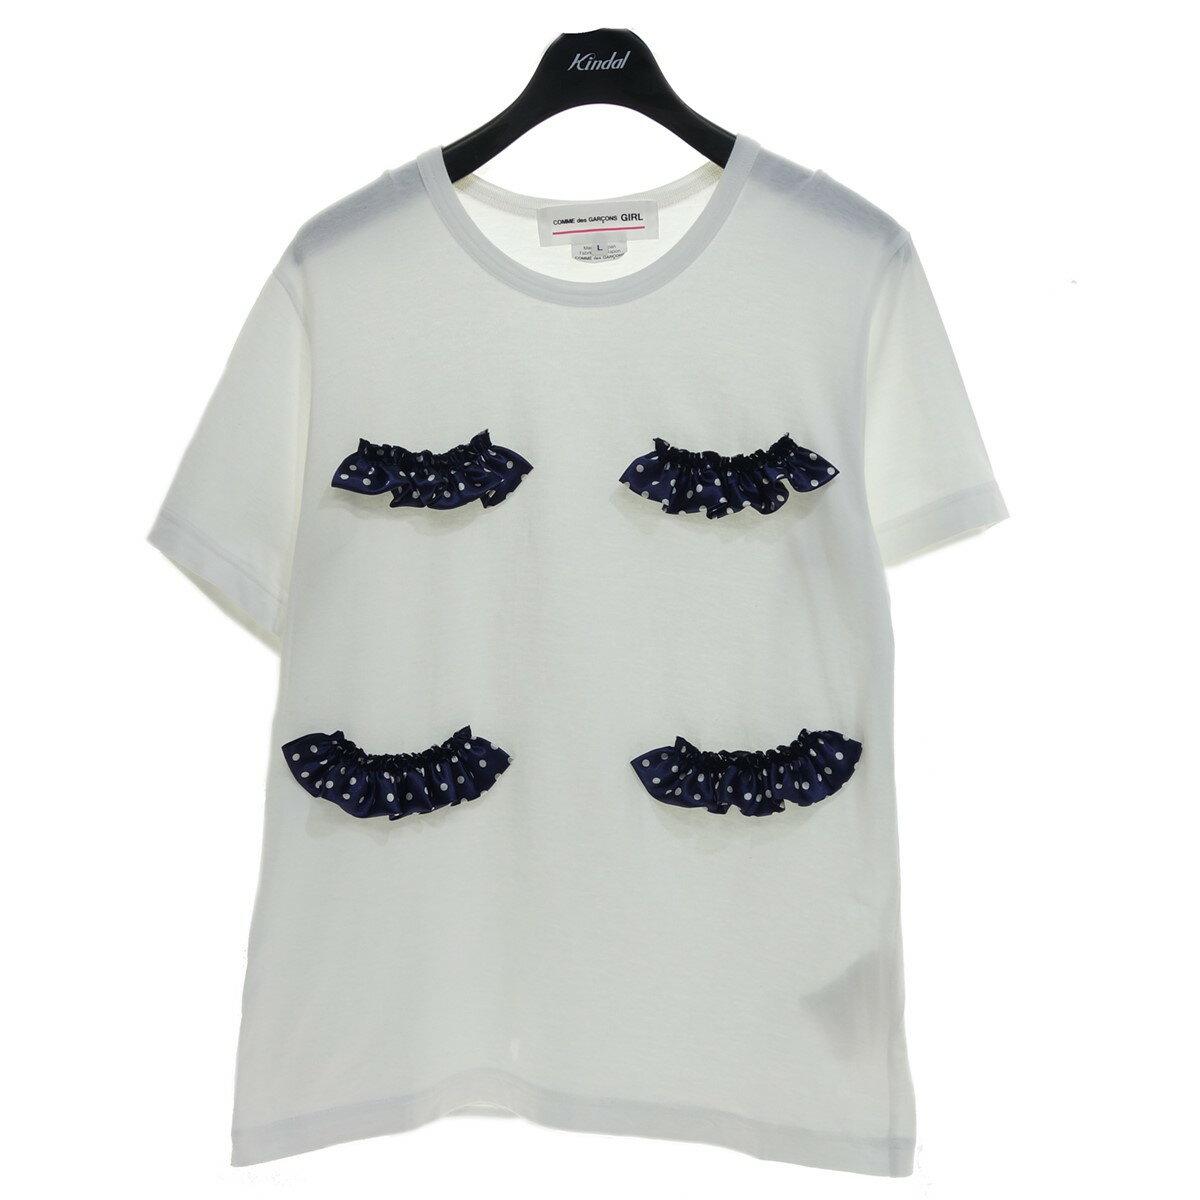 トップス, Tシャツ・カットソー COMME des GARCONS GIRL 2020SST L 060321